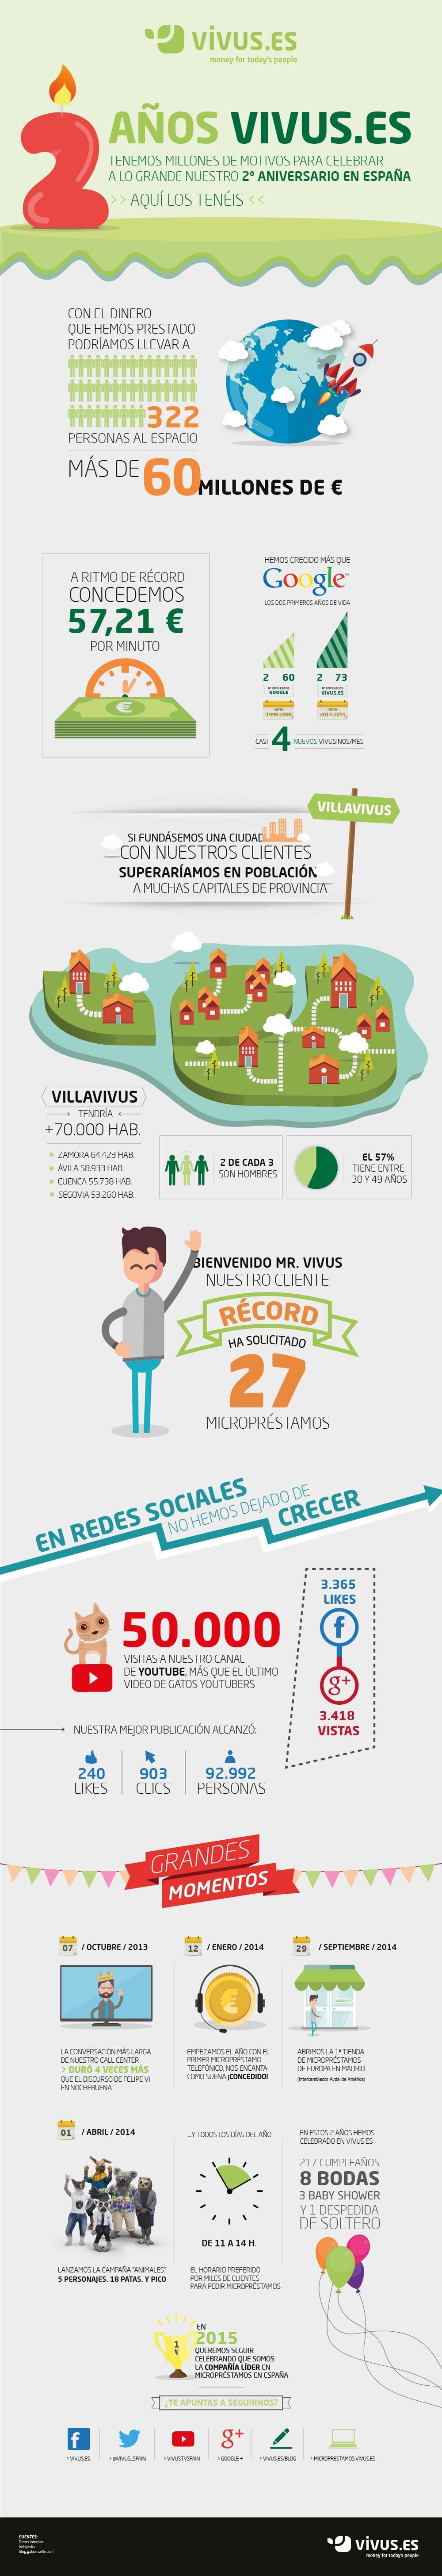 Infografía 2 años de vivus